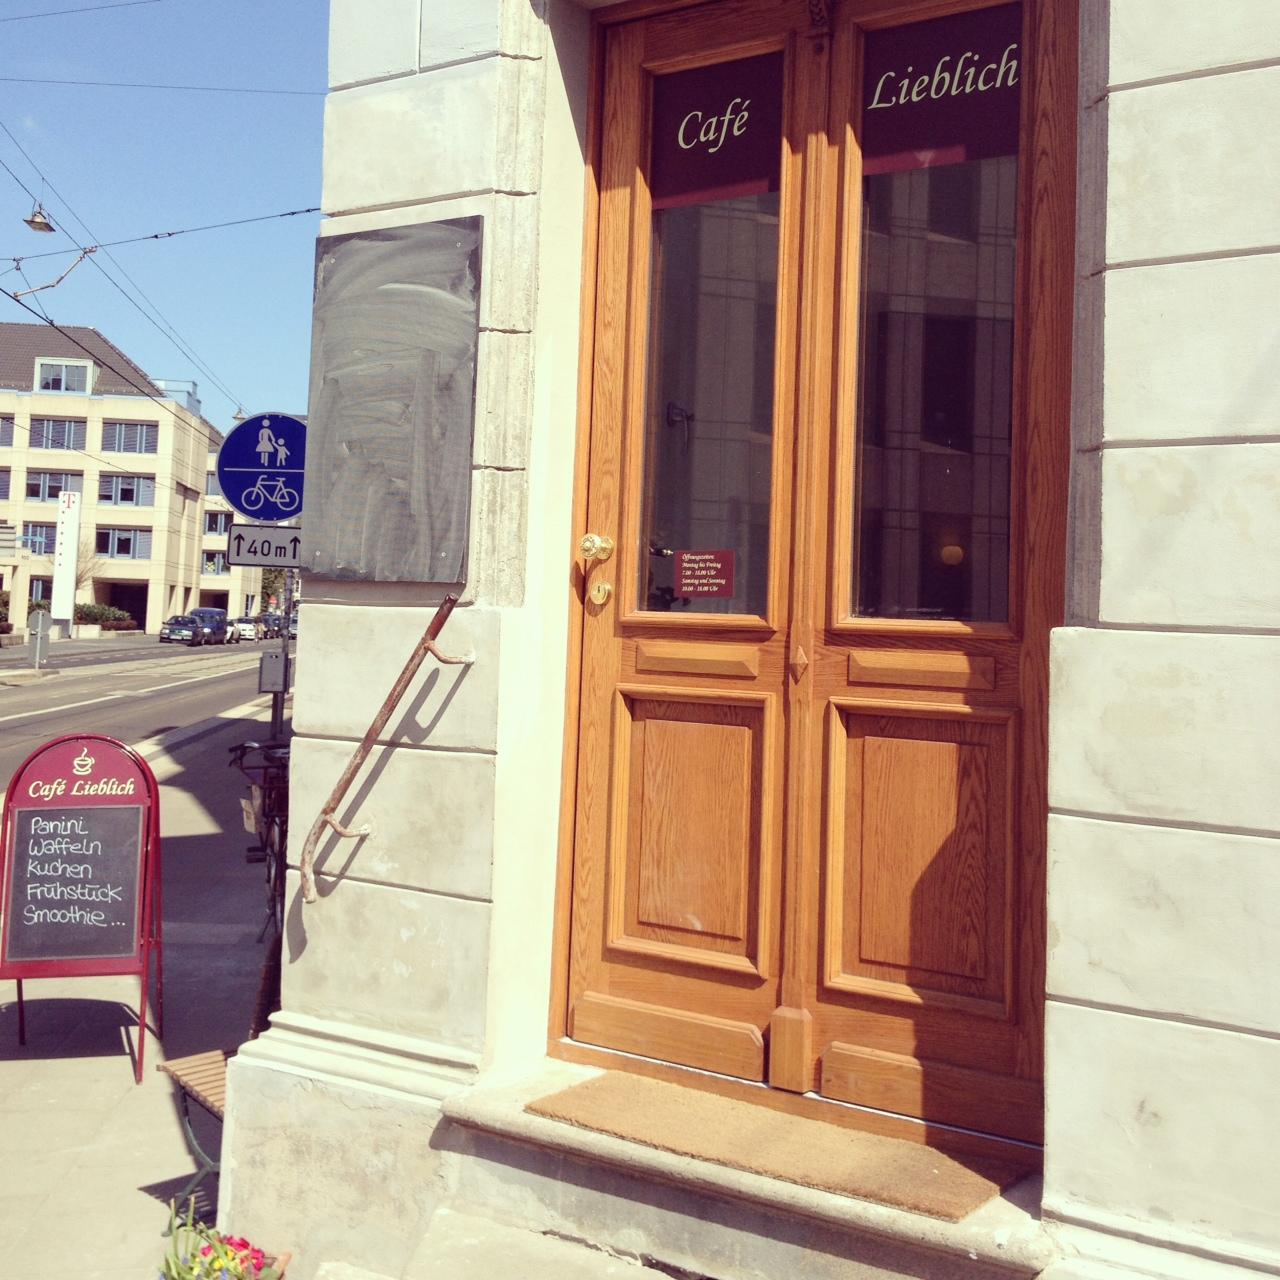 Frühstück wie bei der Tante einer besten Freundin // Das Café Lieblich in der Bonner Südstadt